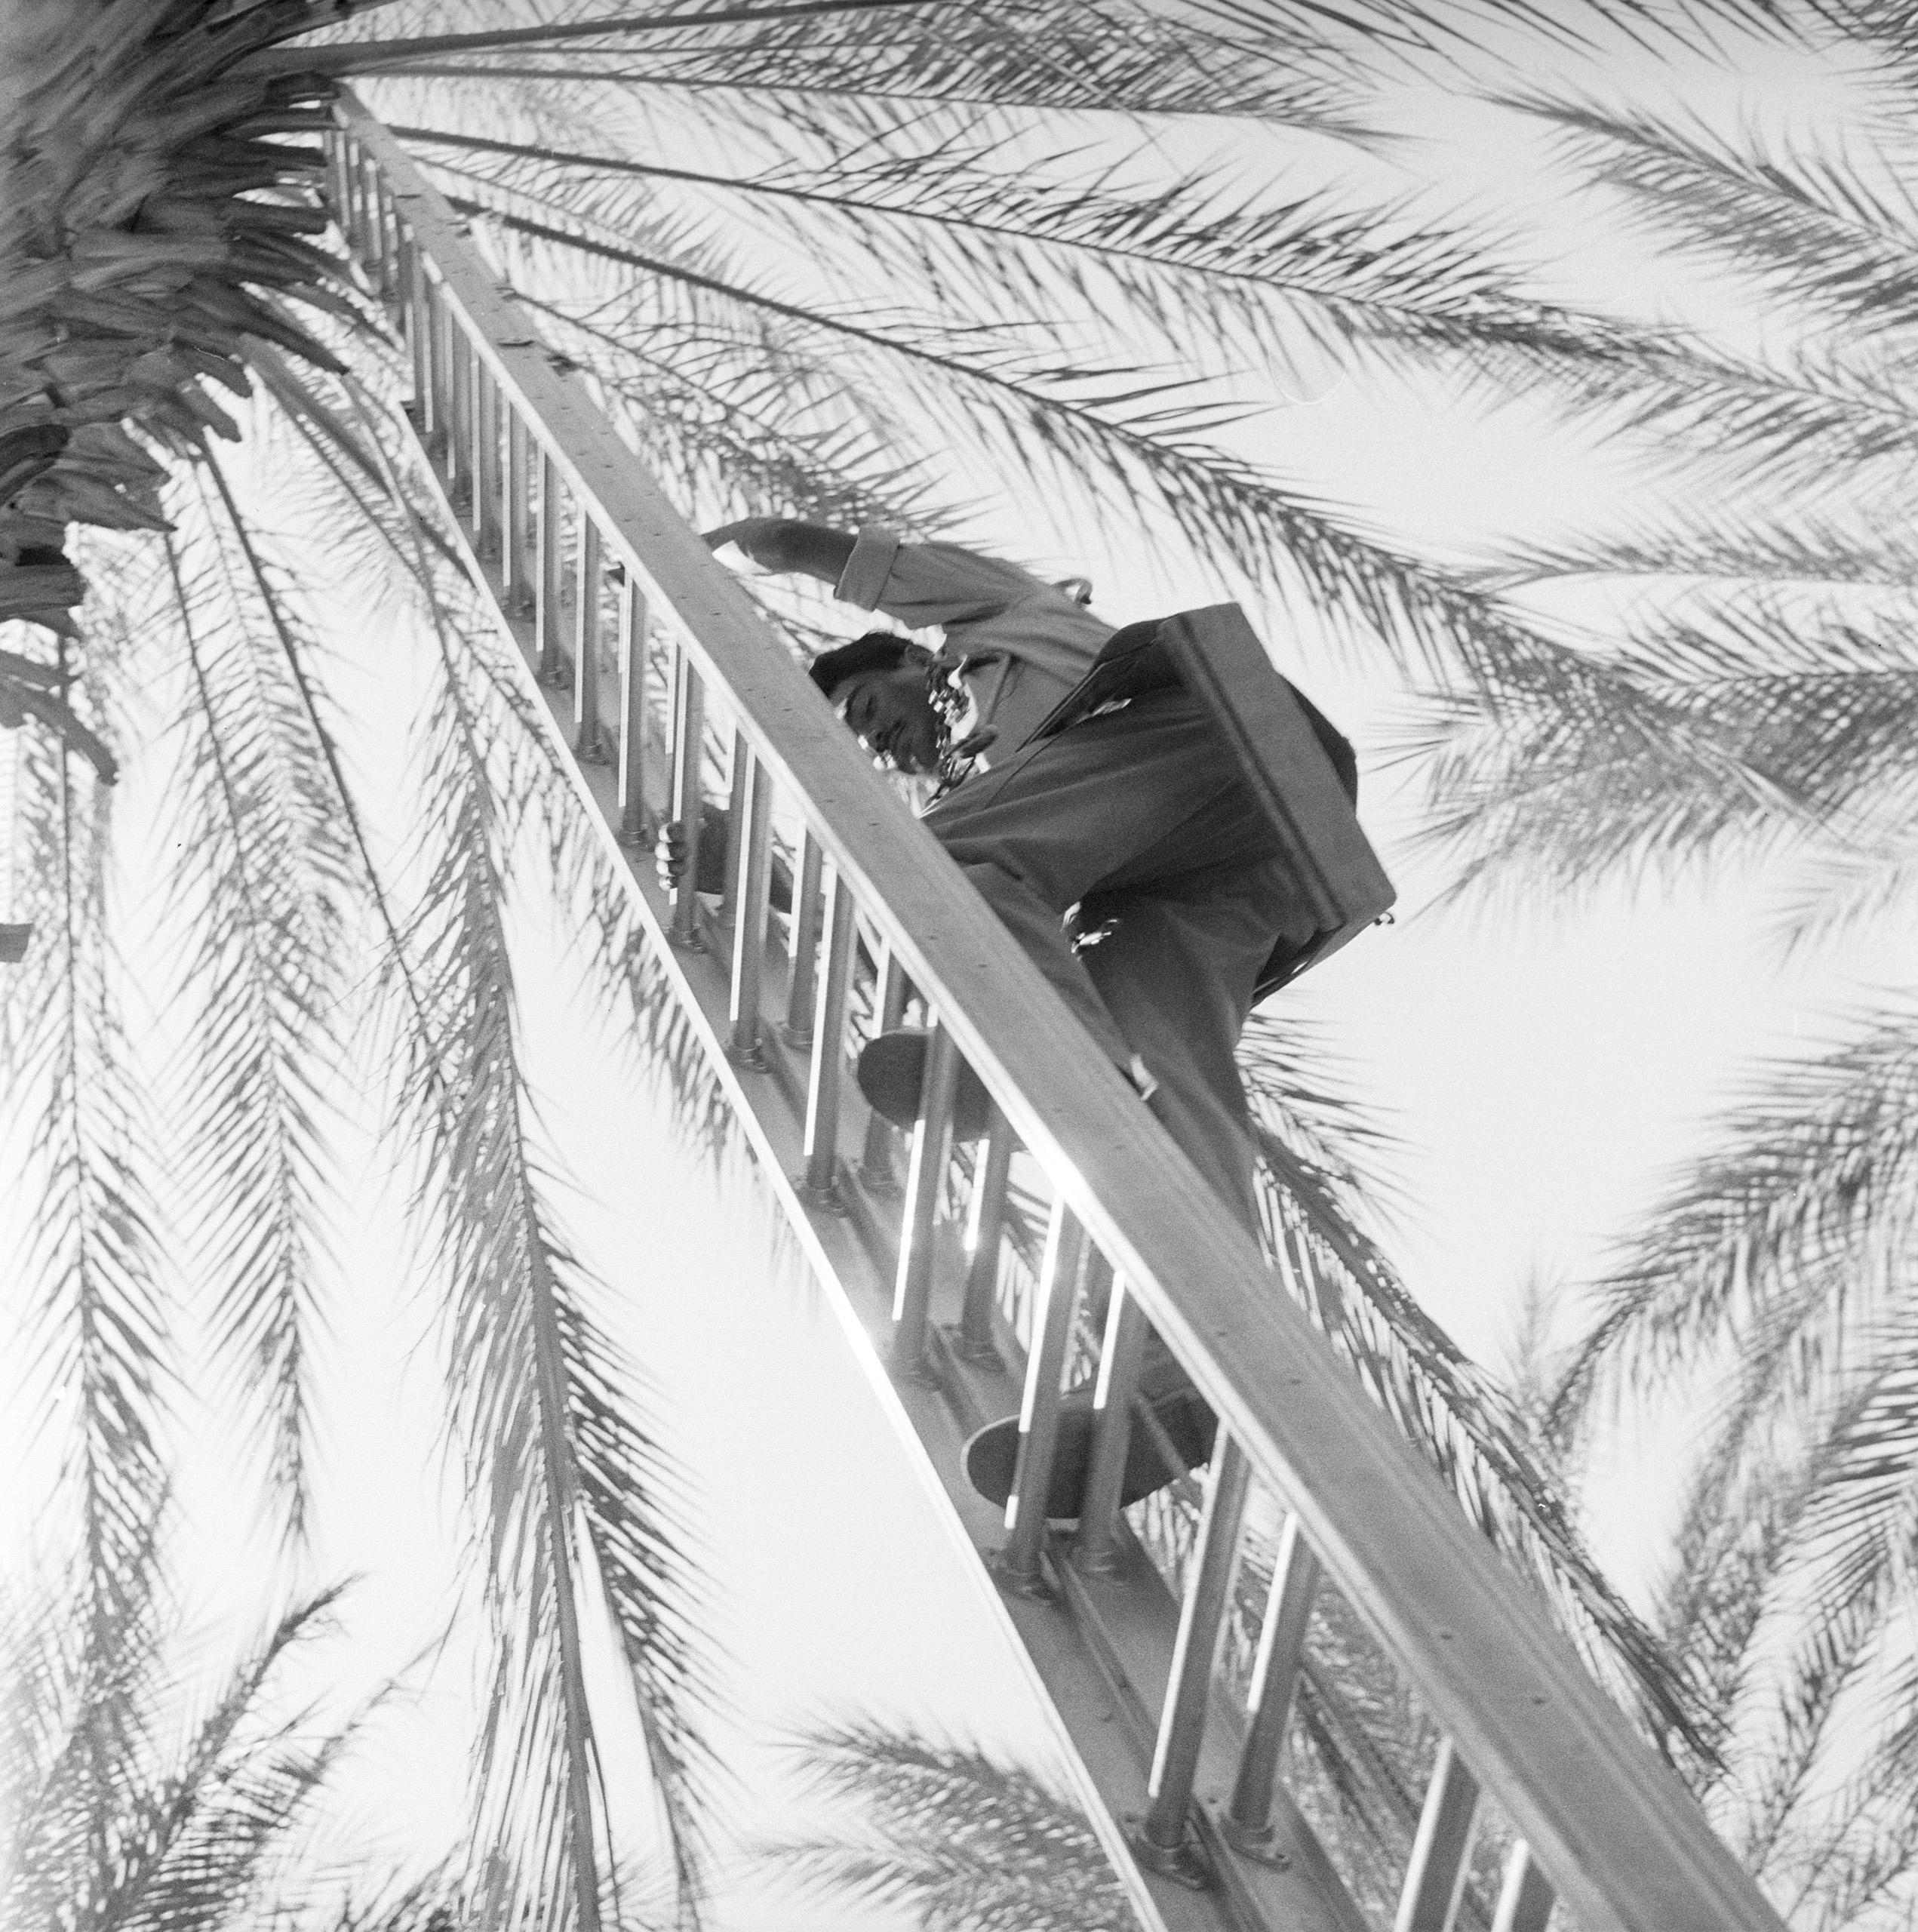 A Mexican farm laborer climbs a ladder under a date palm tree, California, 1957.